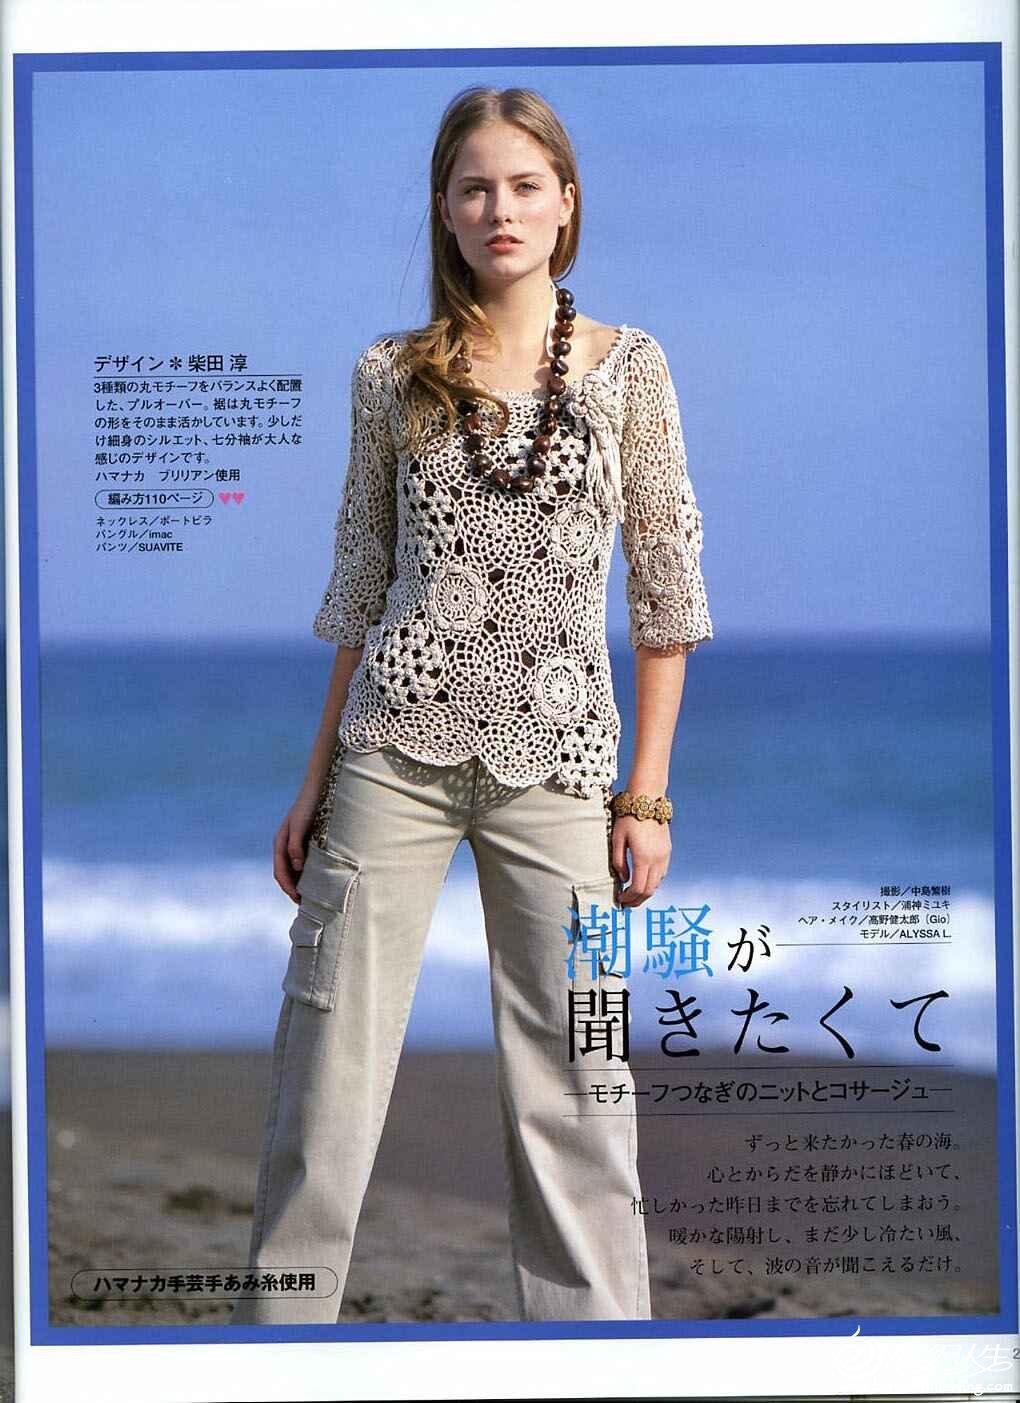 Keito Dama 133 2007 Spring (14).jpg